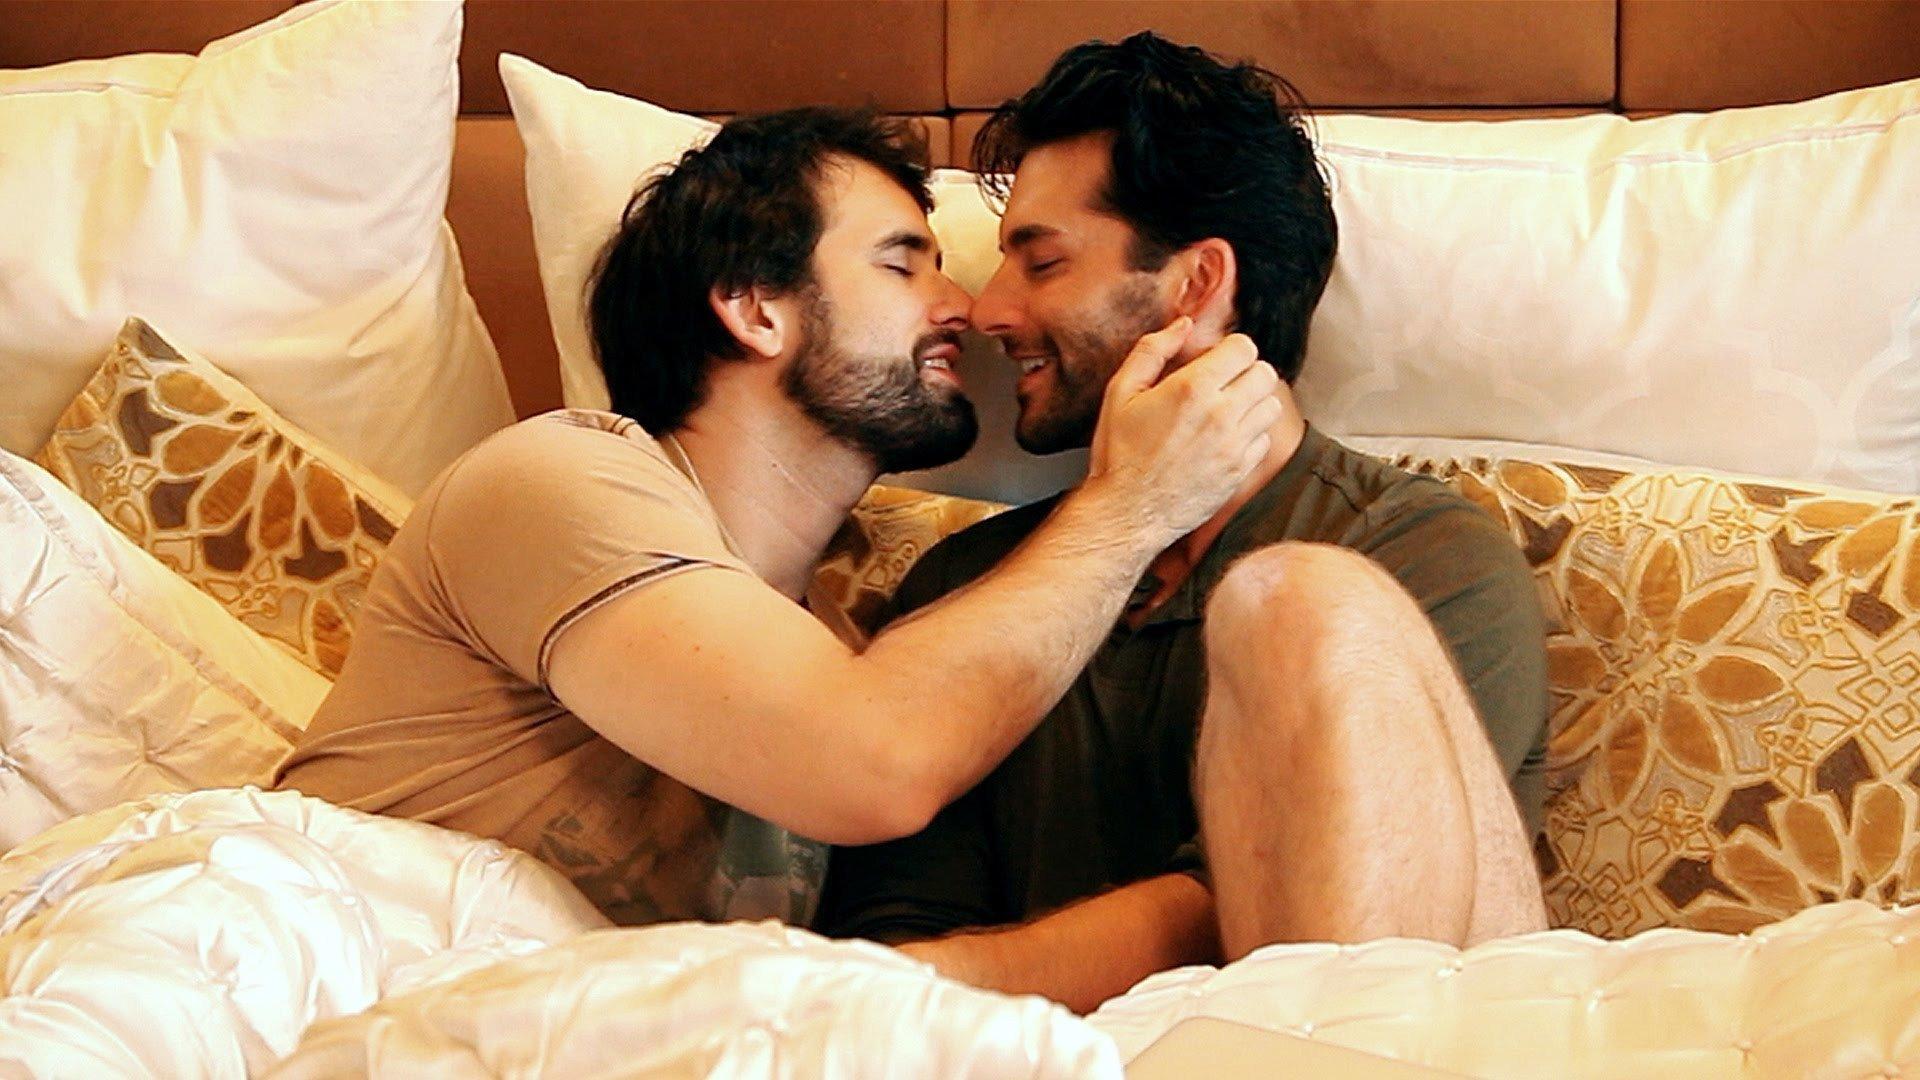 Фильмы про геев